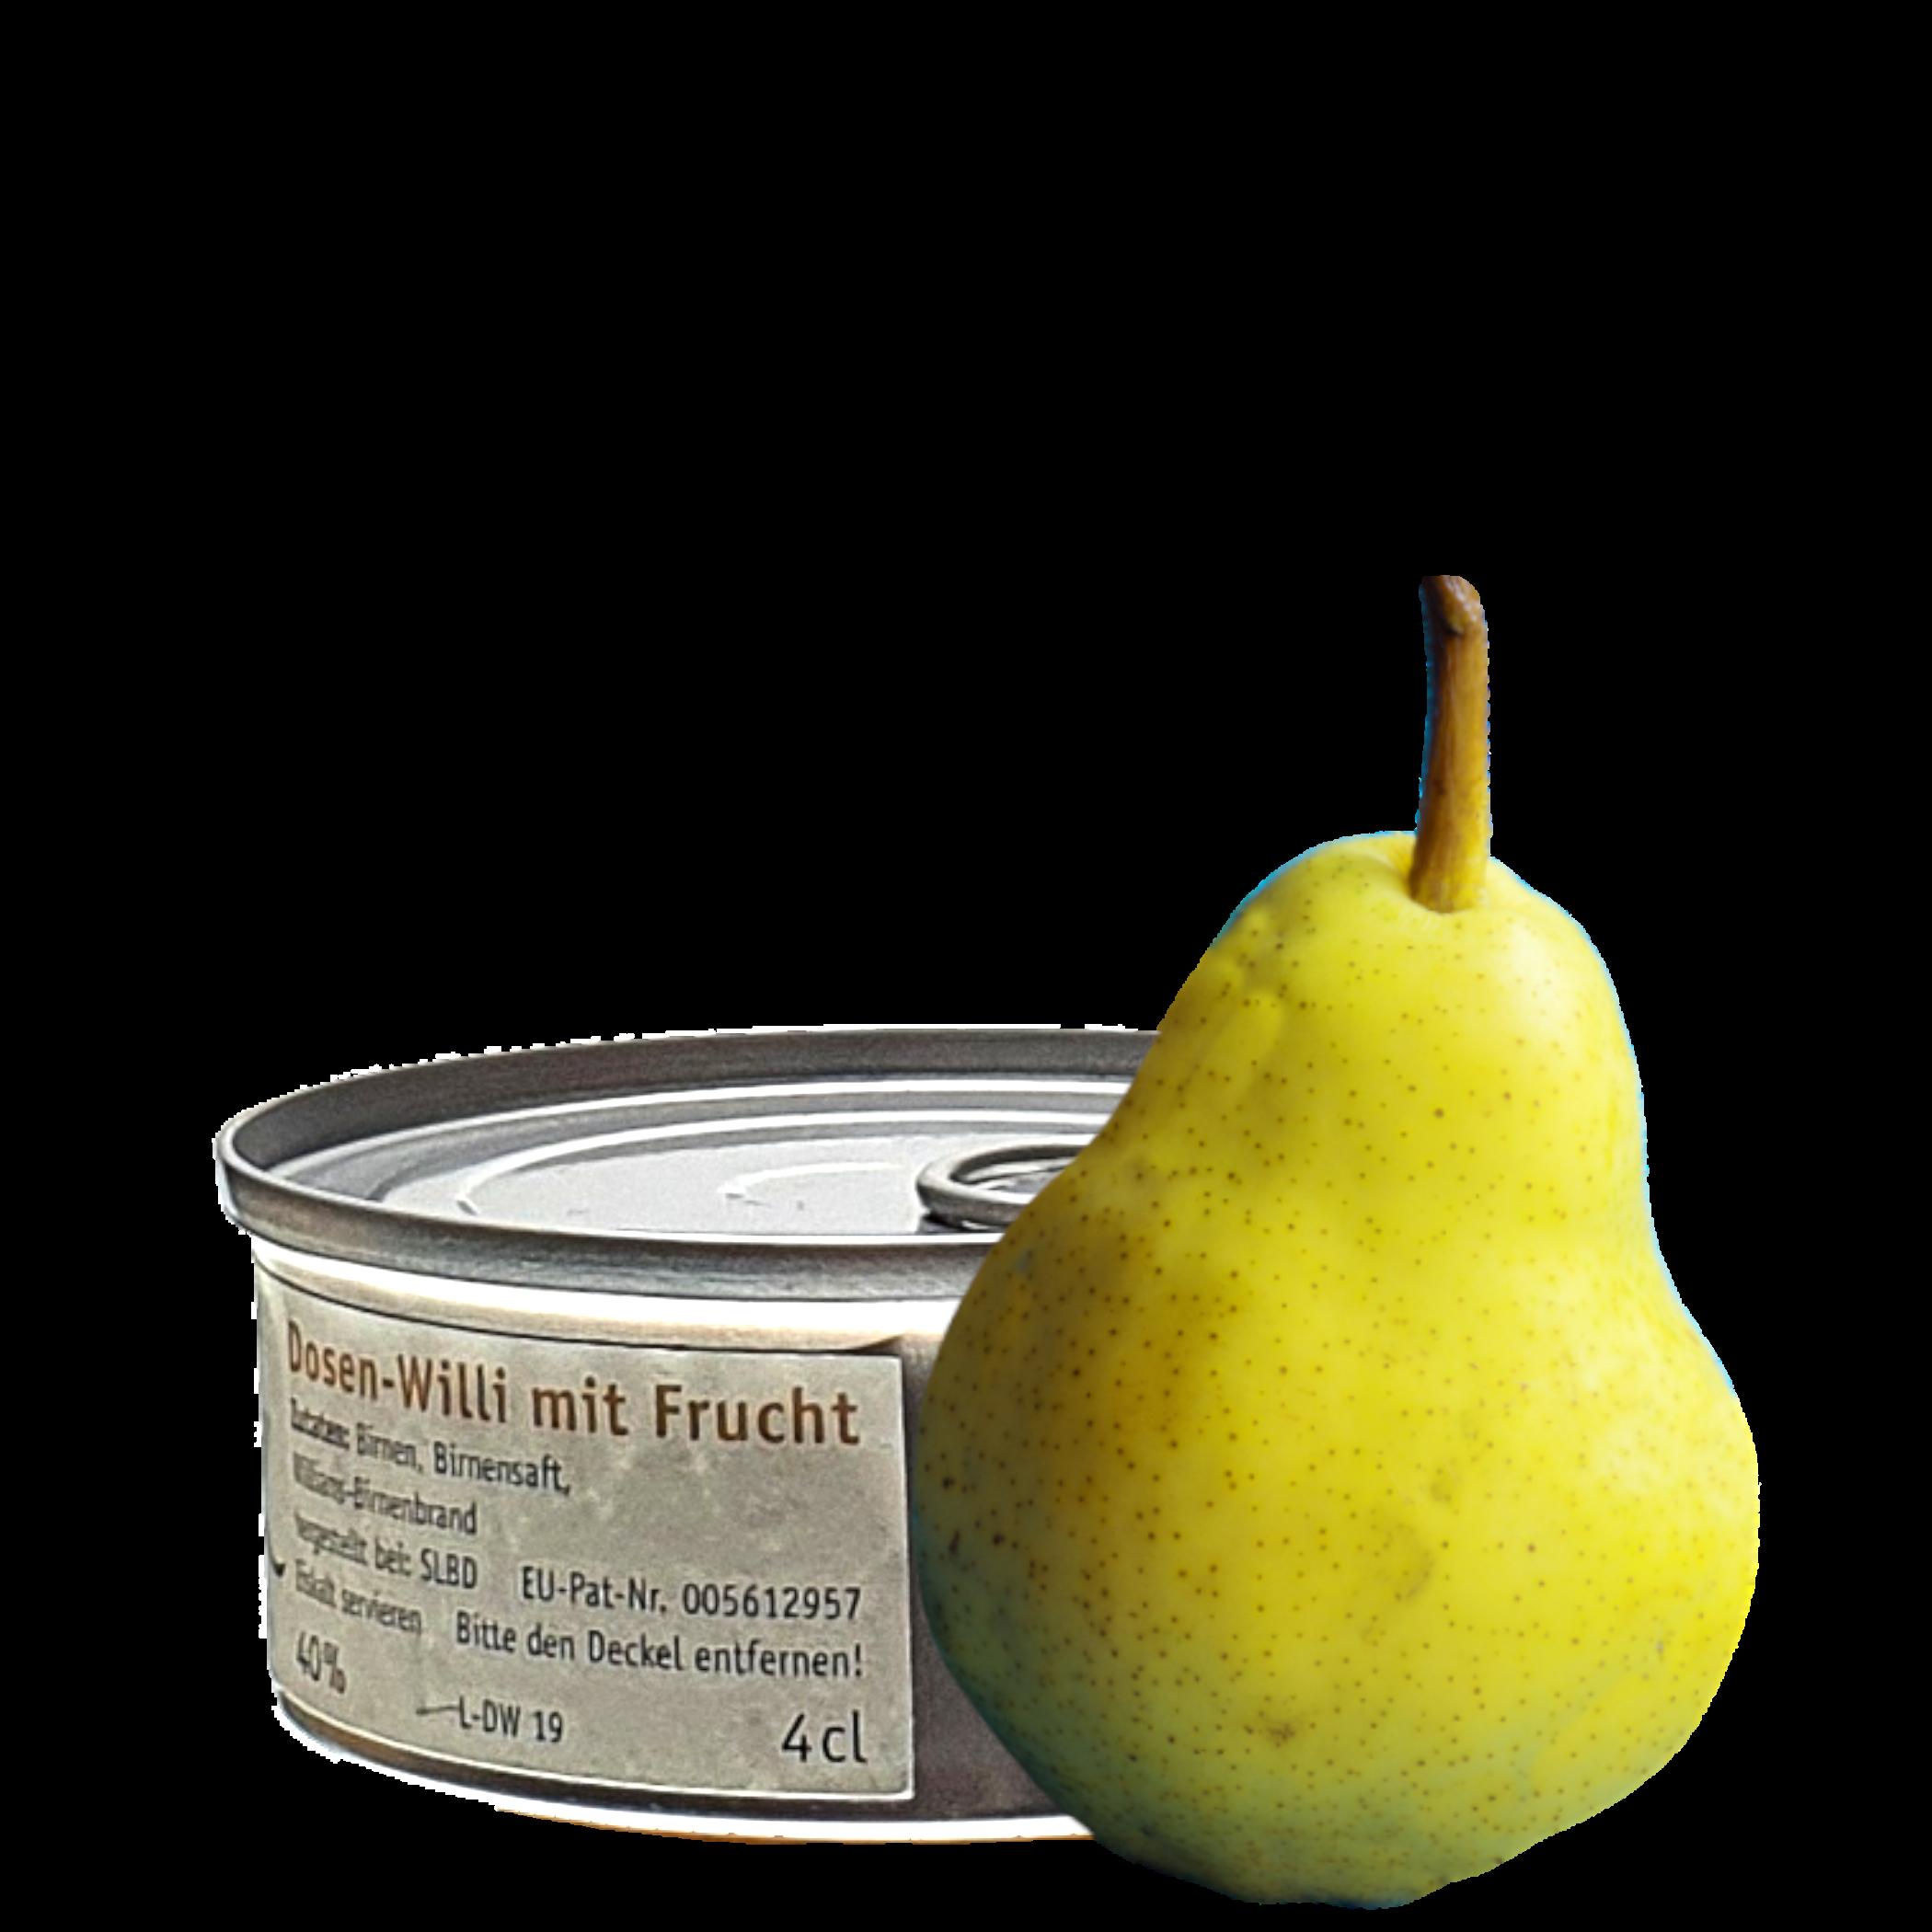 Ein Dosen-Willi der Dosenschnaps mit Frucht